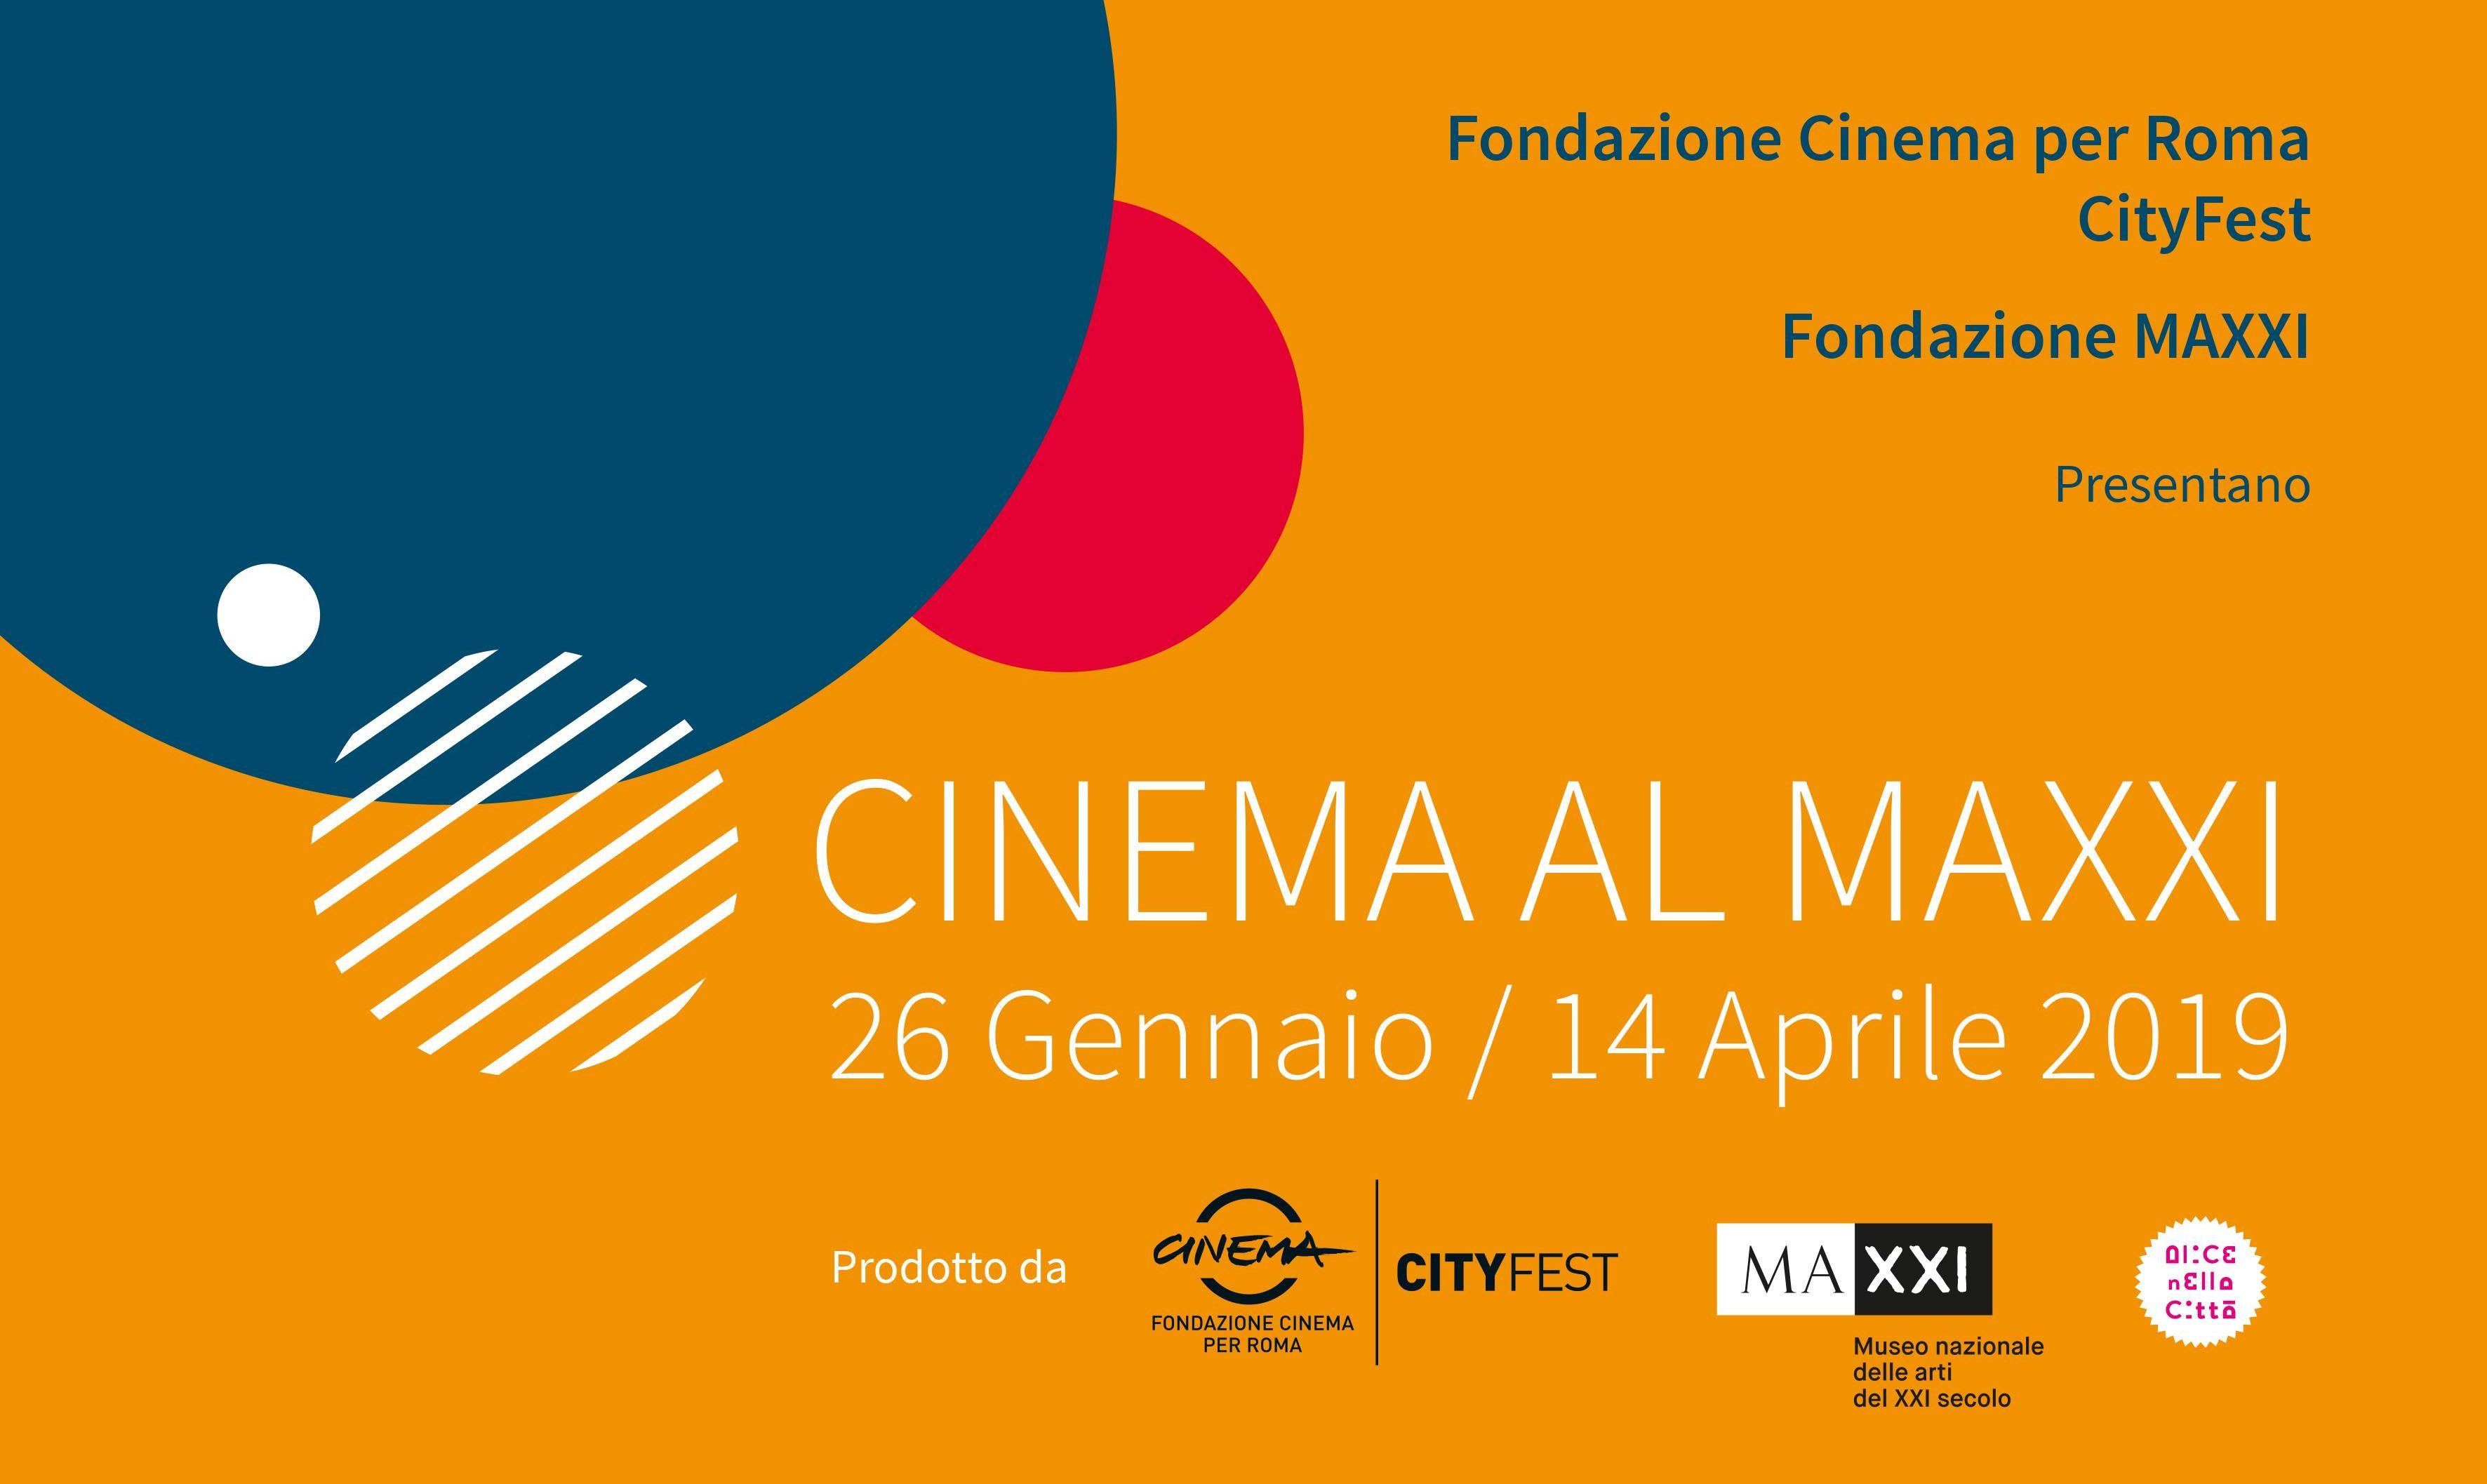 maxxi rassegna cinema al maxxi 2019 zerkalo spettacolo